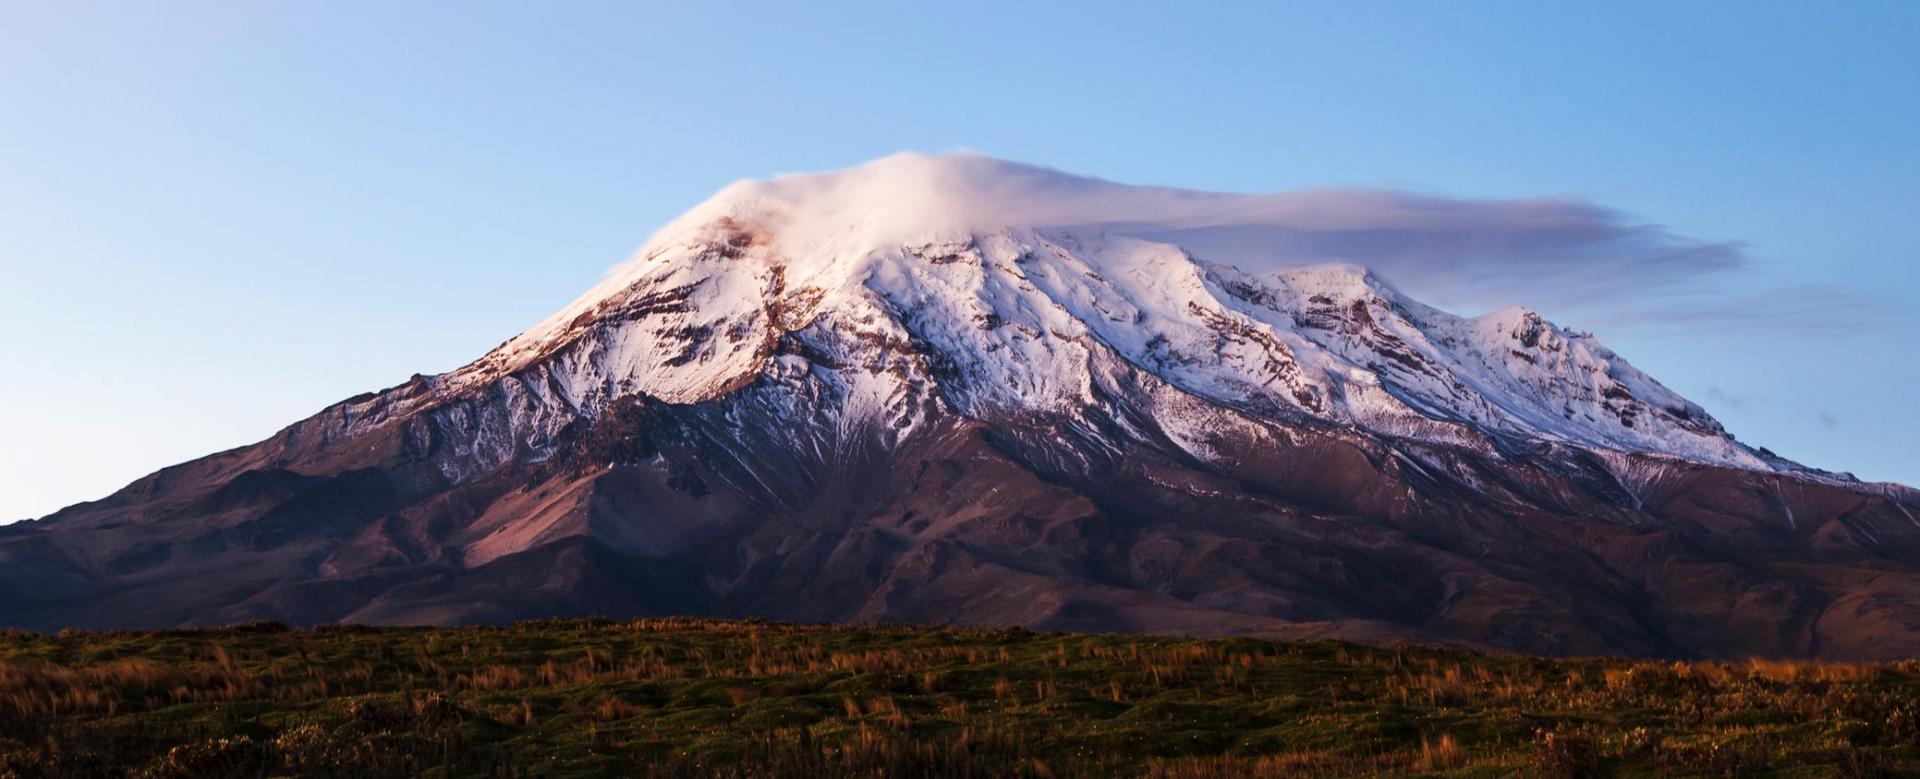 Voyage à pied Équateur : La rando des dix volcans